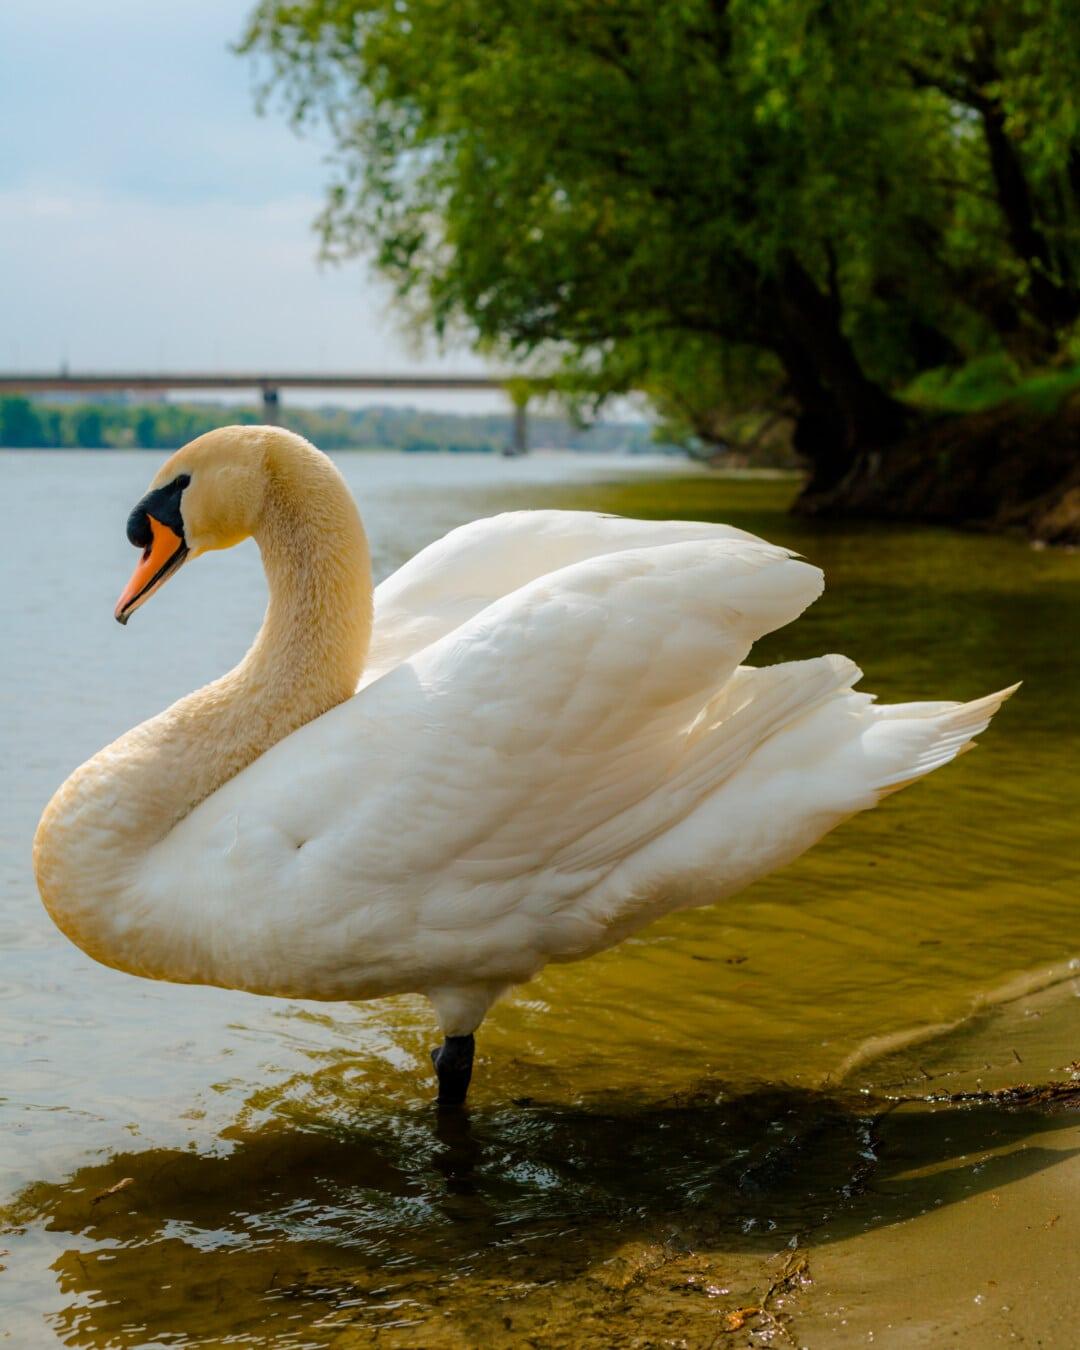 svane, nært hold, halskjede, dyr, nåde, fuglen, stranden, vann, dammen, innsjø